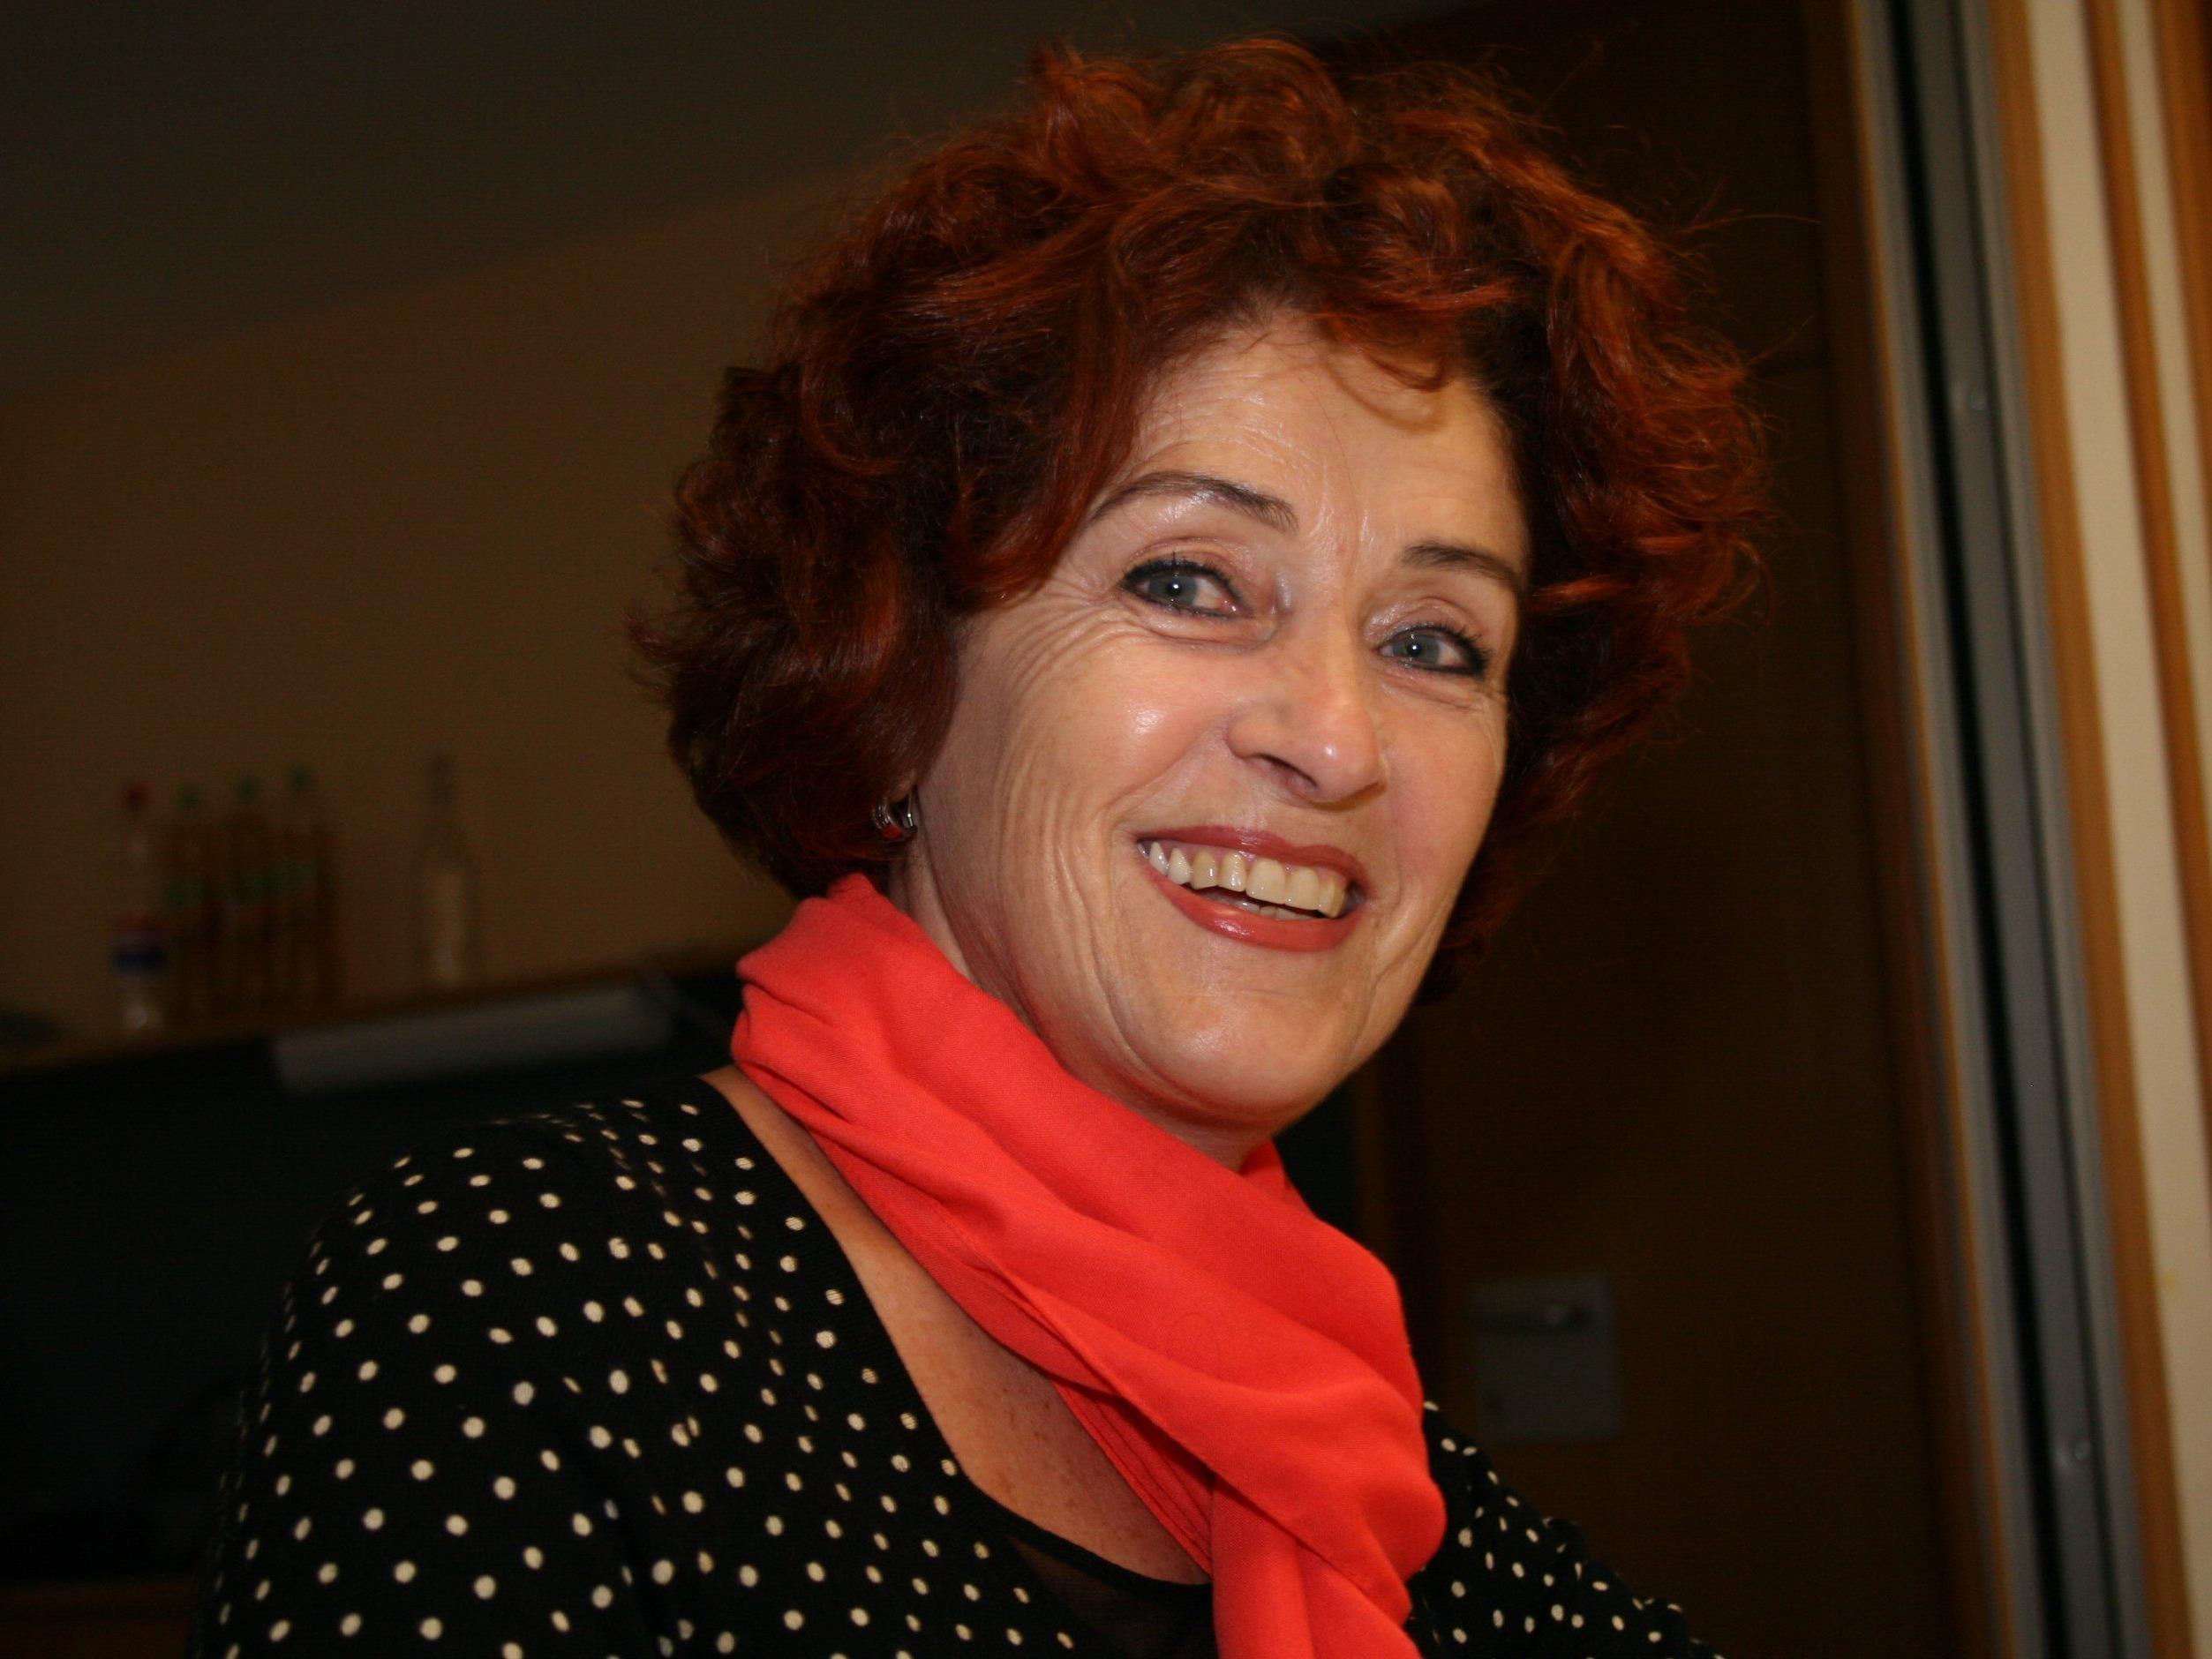 Ingrid Moll freut sich über Interessierte, die Freude am Singen und Musizieren haben.